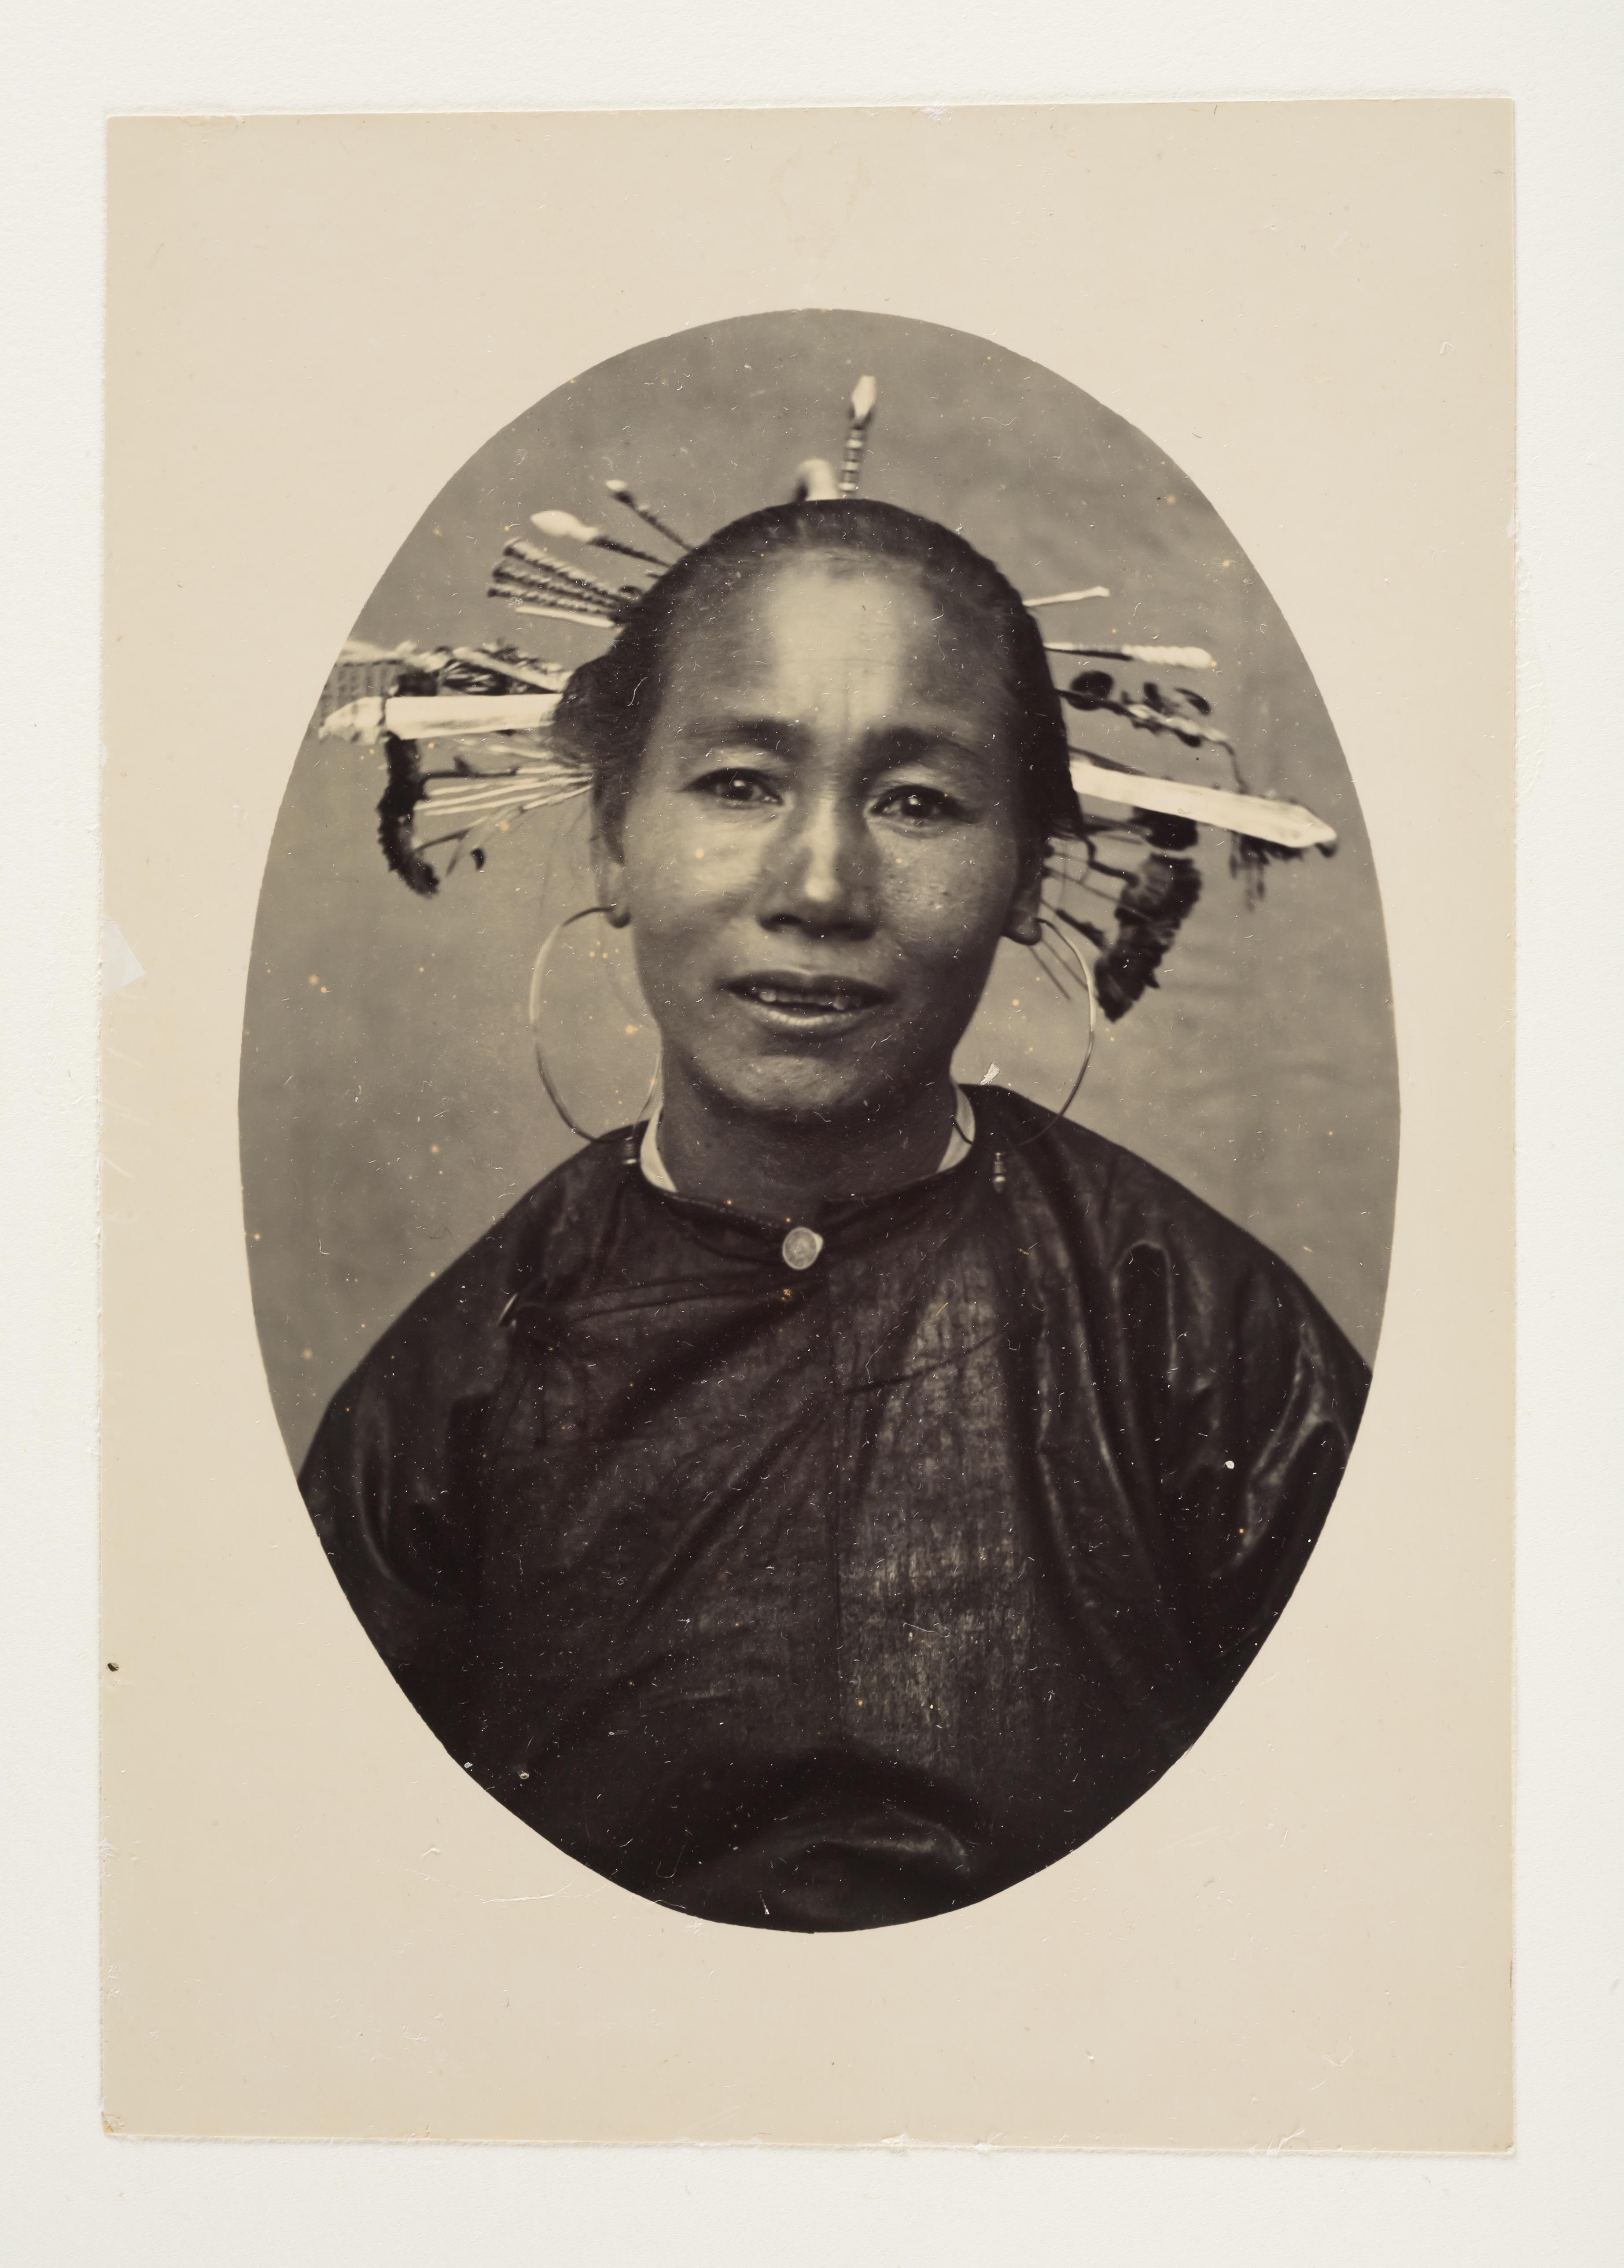 弗兰登相册里的胡安·门卡里尼的照片 (约1895),收藏于里尔自然史博物馆。由上海塞万提斯图书馆供图